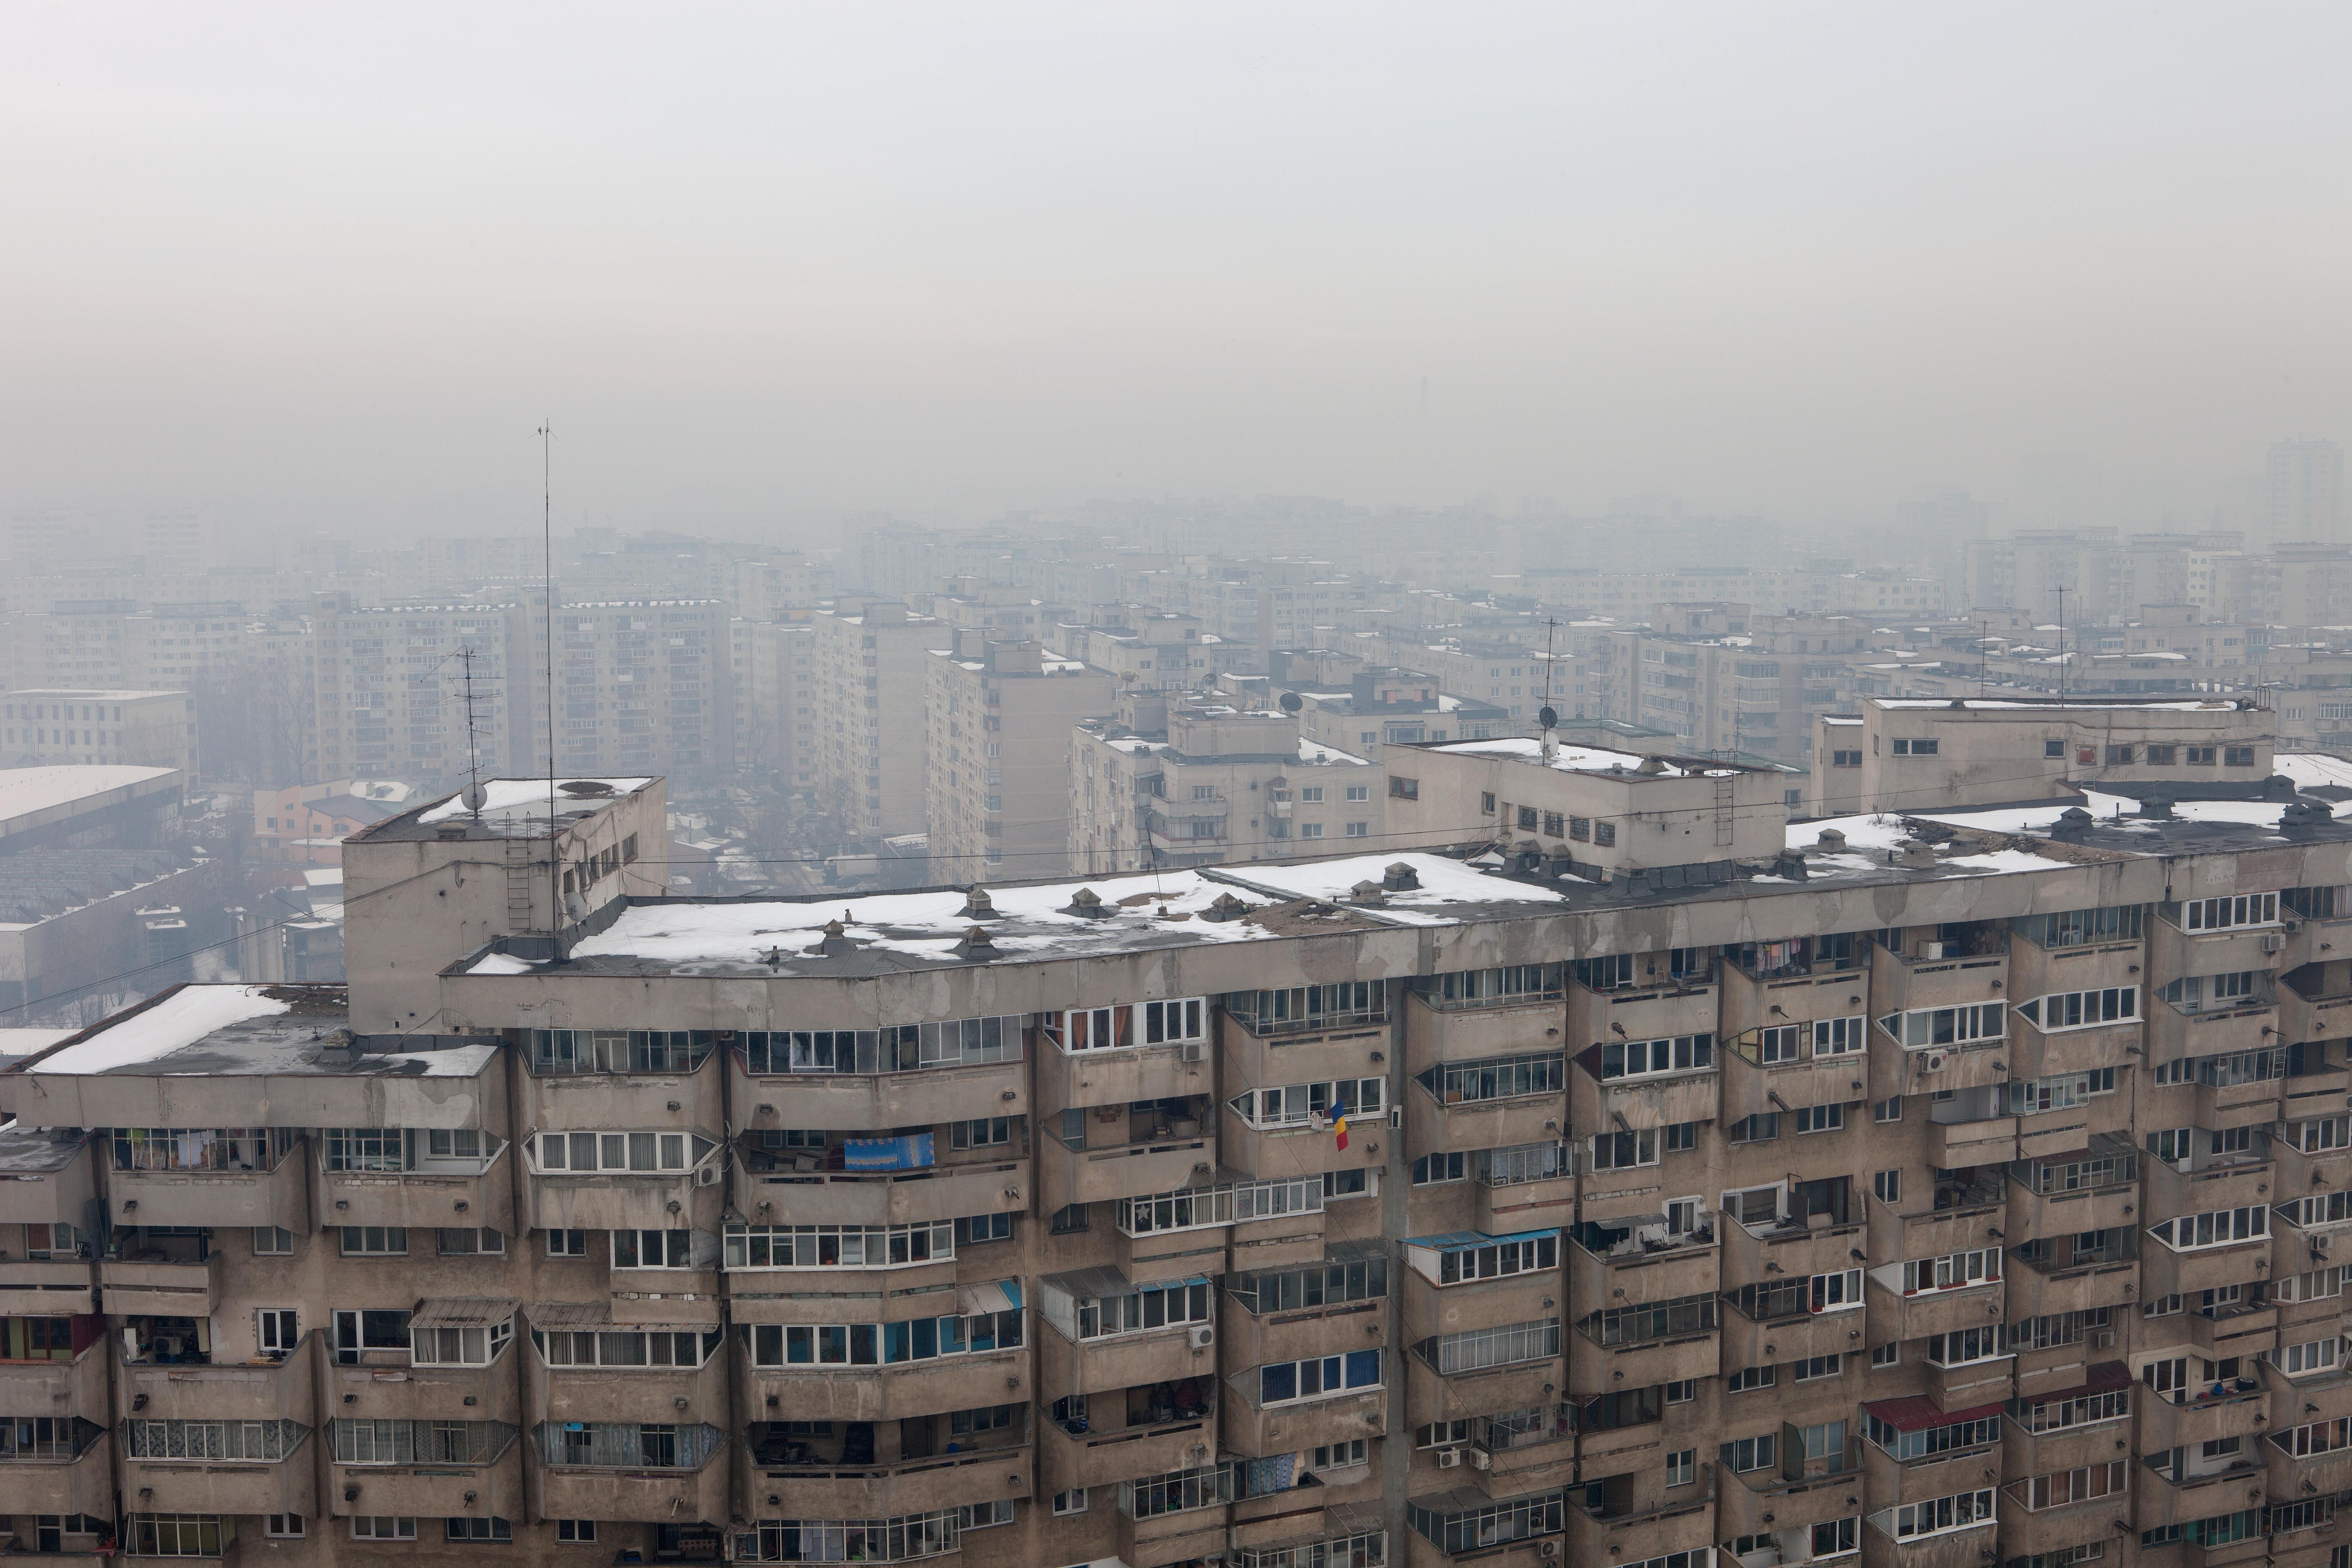 Romániában adókedvezményt kapna az ingatlantulajdonos, ha csökkenti a lakbért a járvány alatt